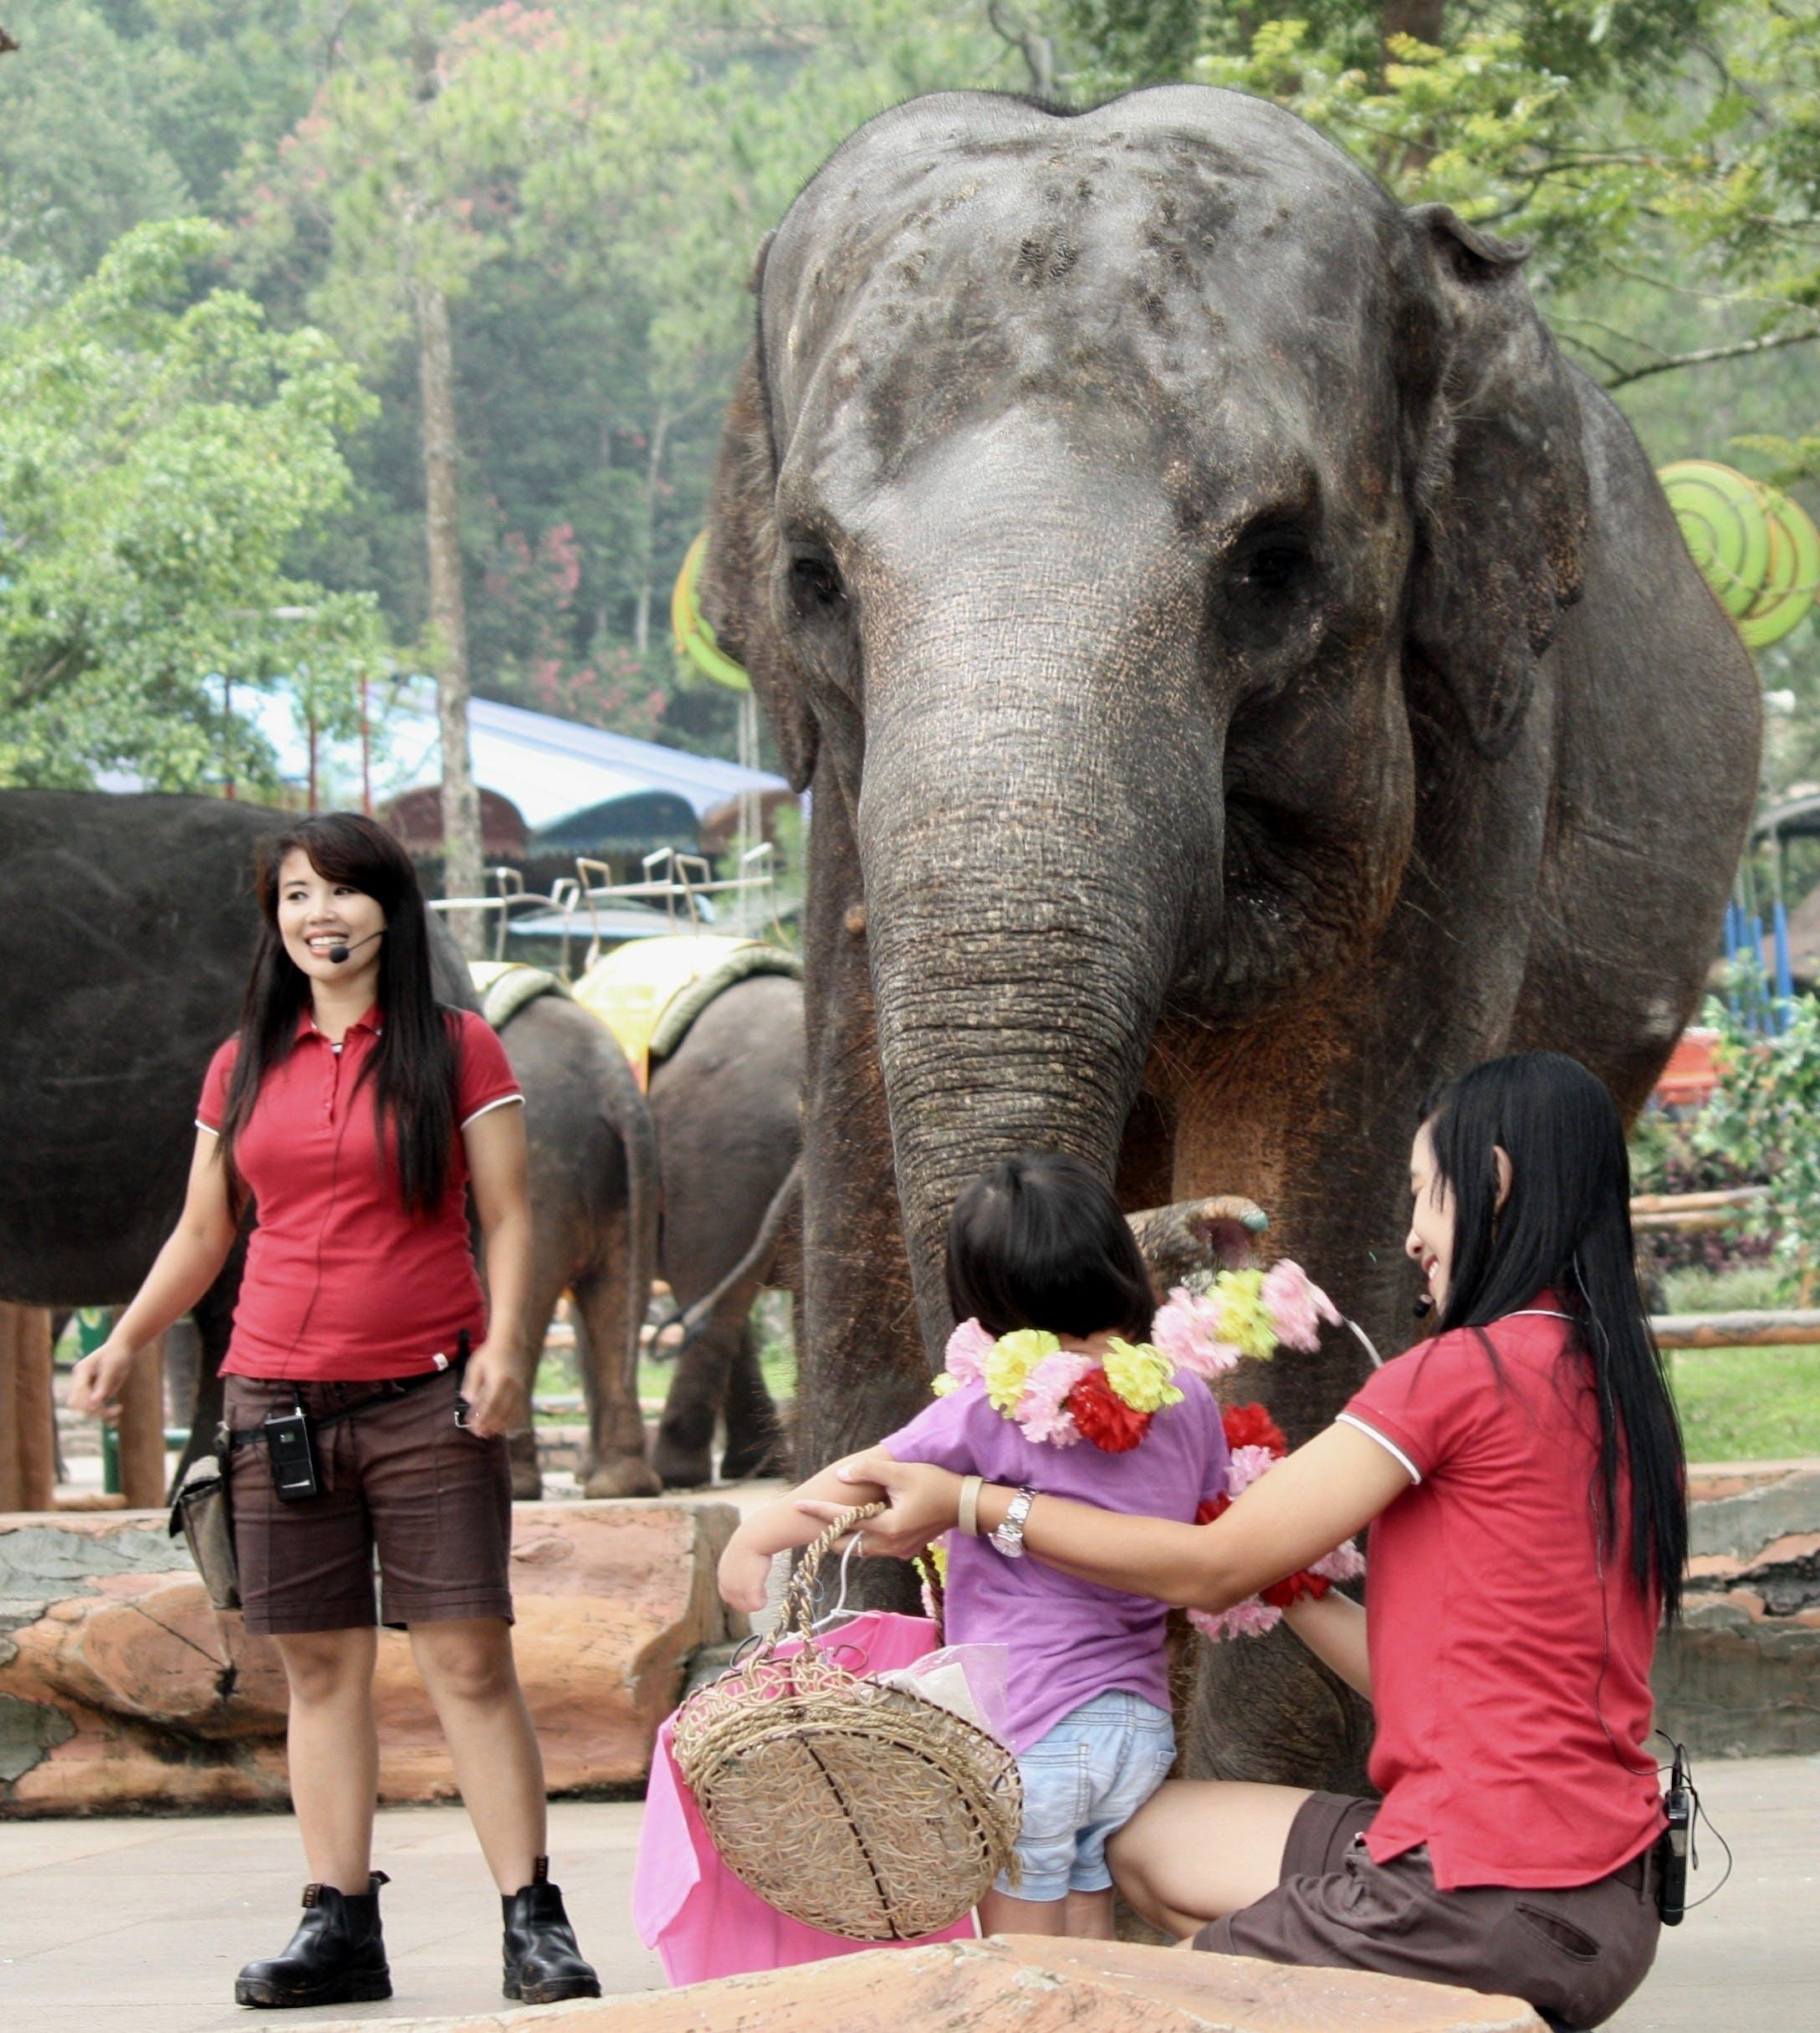 Foto d'estoc gratuïta de elefant, flor, joveneta, nena